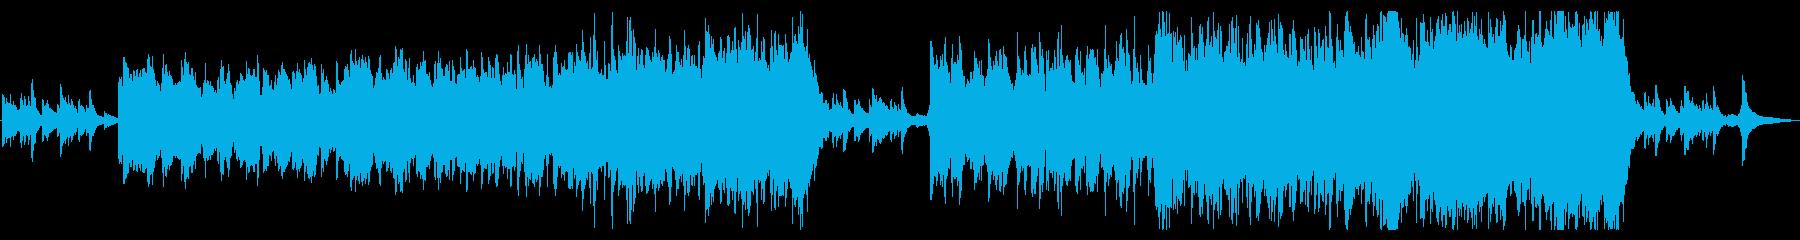 壮大で感動的な和風楽曲の再生済みの波形